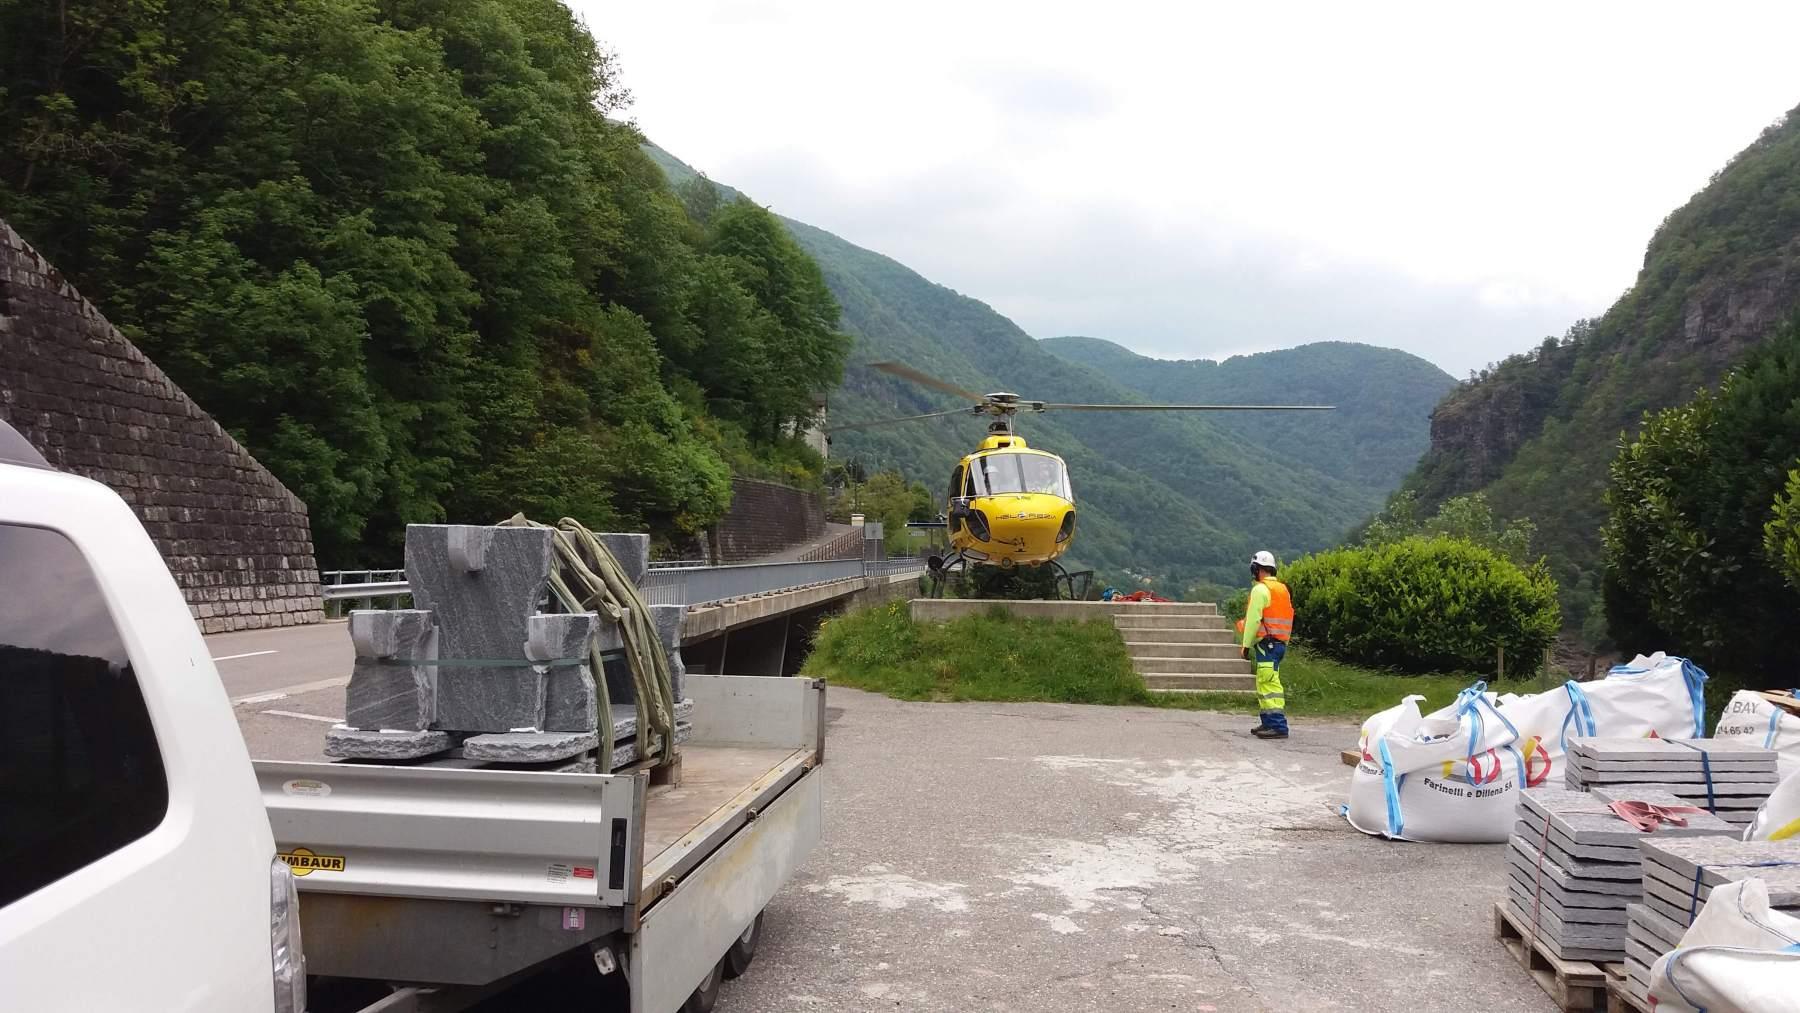 Mit-Hubschrauber-auf-Alp-starten